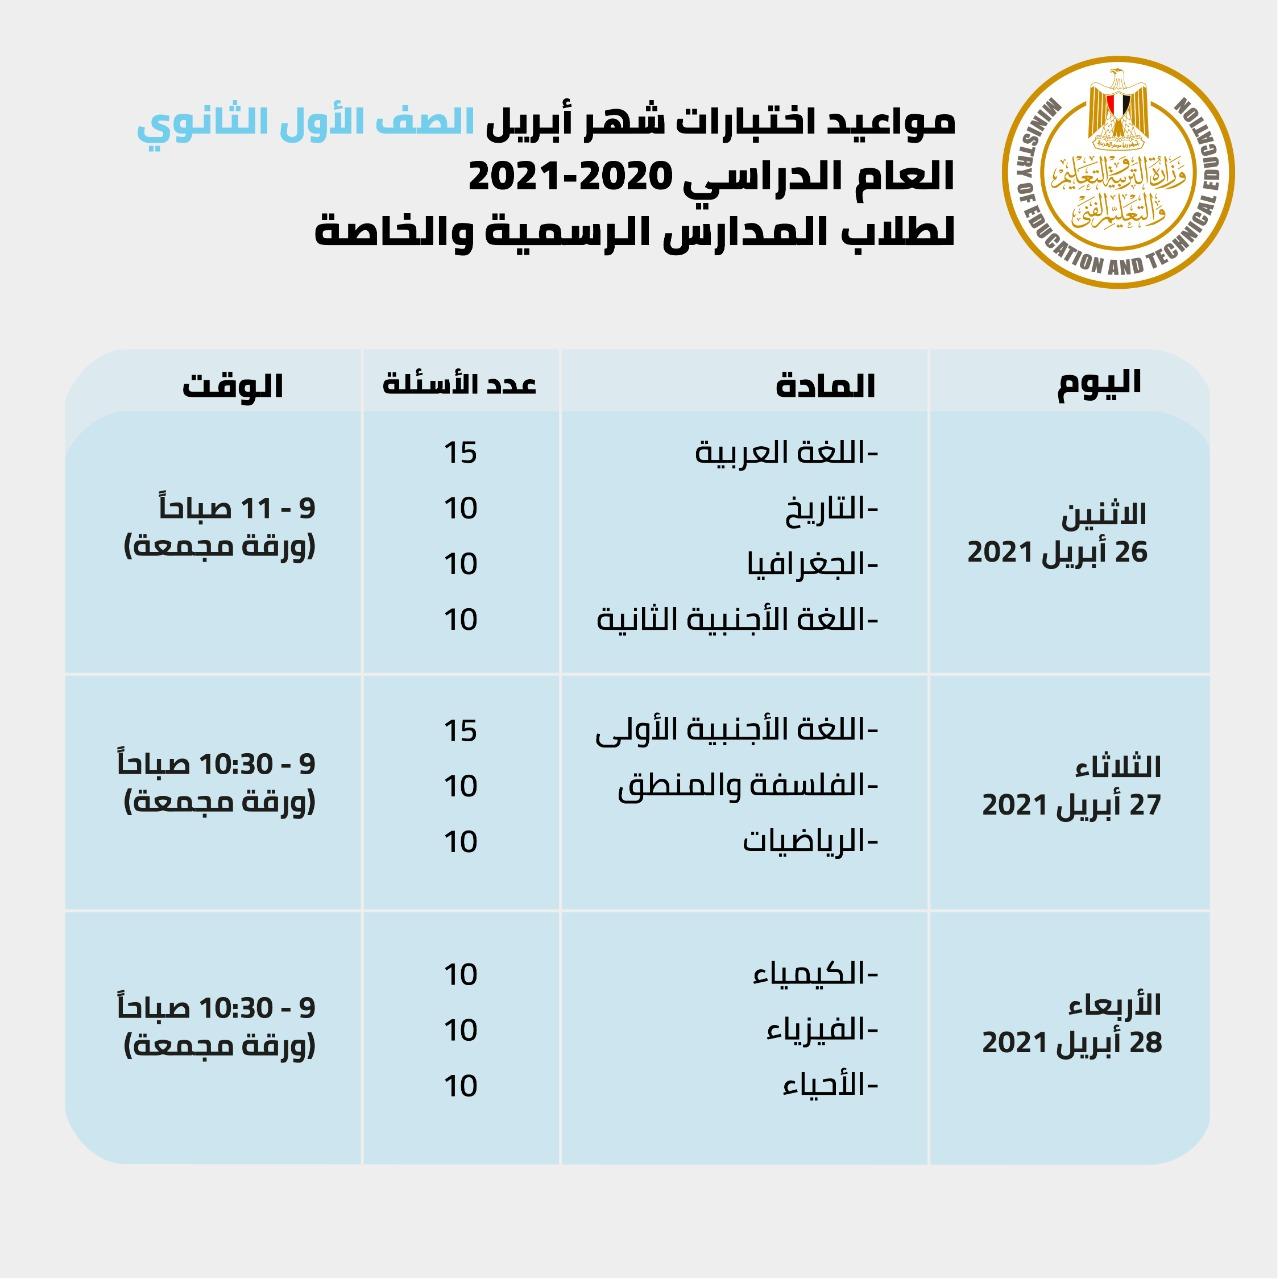 جدول امتحانات الصف الاول الثانوى 2021 بعد التعديل , جدول امتحانات الصف الأول الثانوى الجديد 2021 , جدول امتحانات الصف الأول الثانوي 2021 الأزهر , جدول امتحانات الصف الأول الثانوي الترم الثاني 2020 , جدول امتحانات الصف الأول الثانوي من موقع وزارة التربية والتعليم , جدول امتحانات الصف الأول الثانوي الأزهري 2021 , جدول امتحانات الصف الأول الثانوي الصناعي 2021 , جدول امتحانات الصف الأول الثانوي الفني 2021 ,